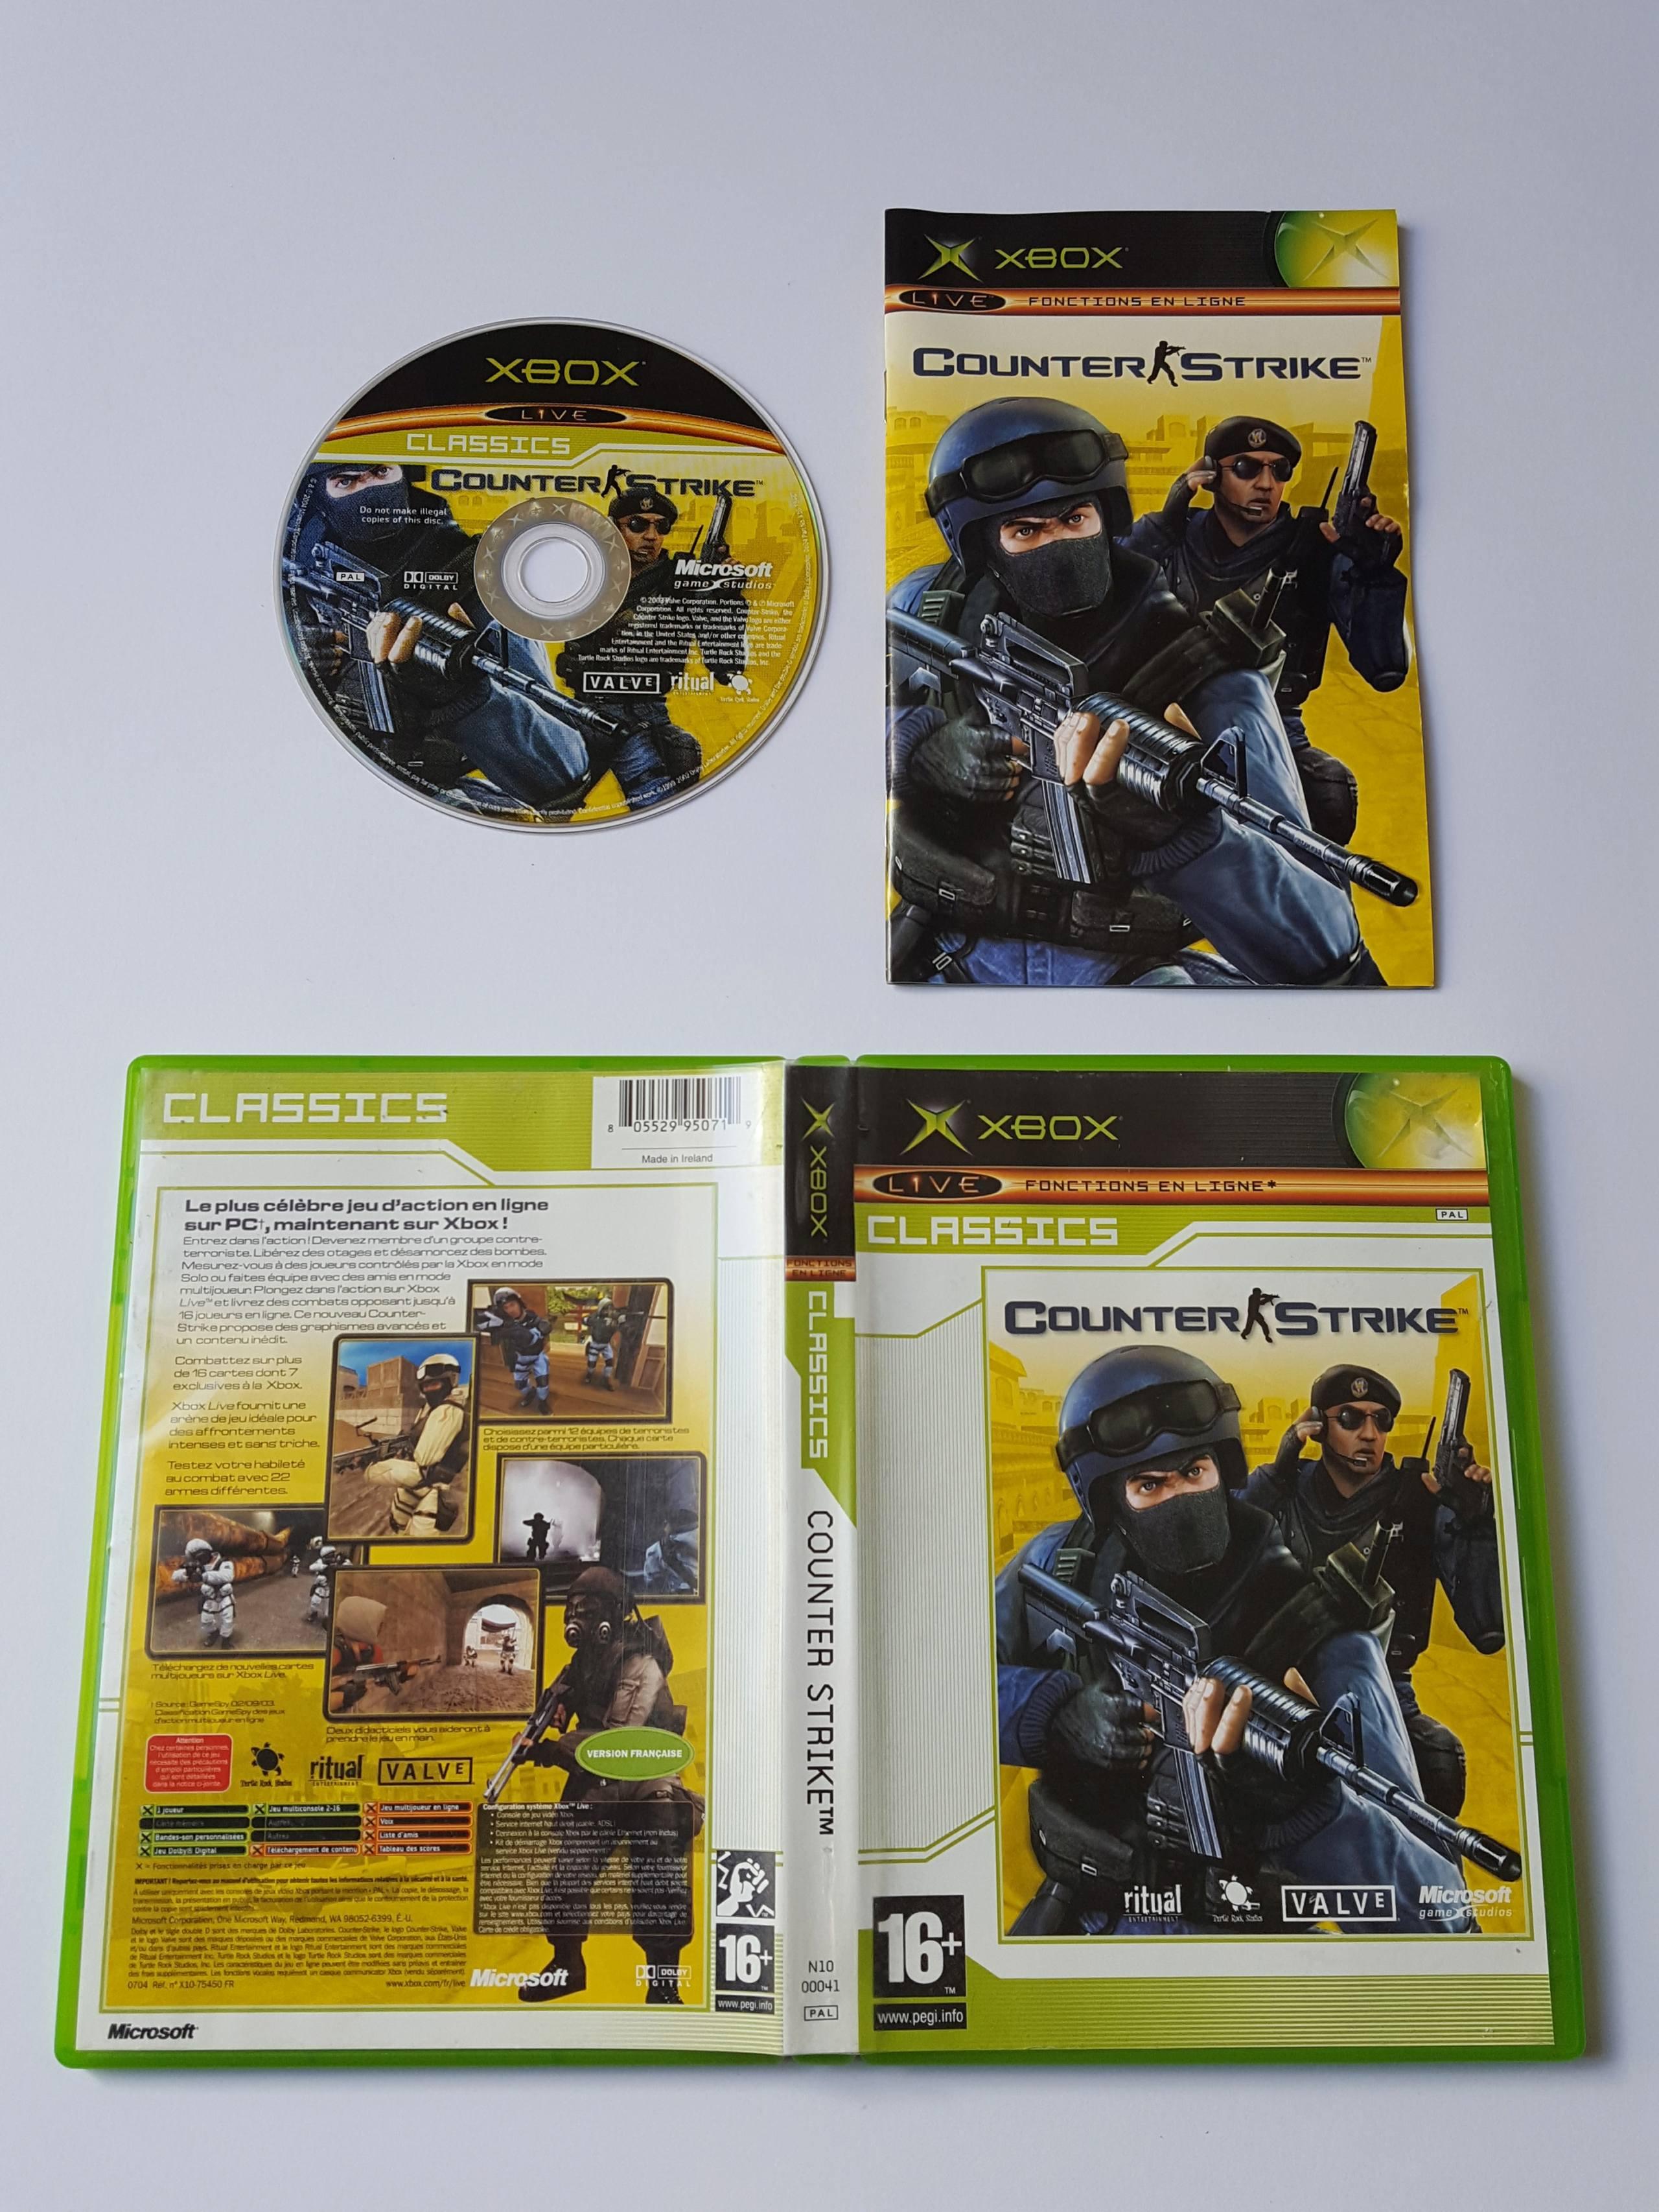 Counter Strike Counte11